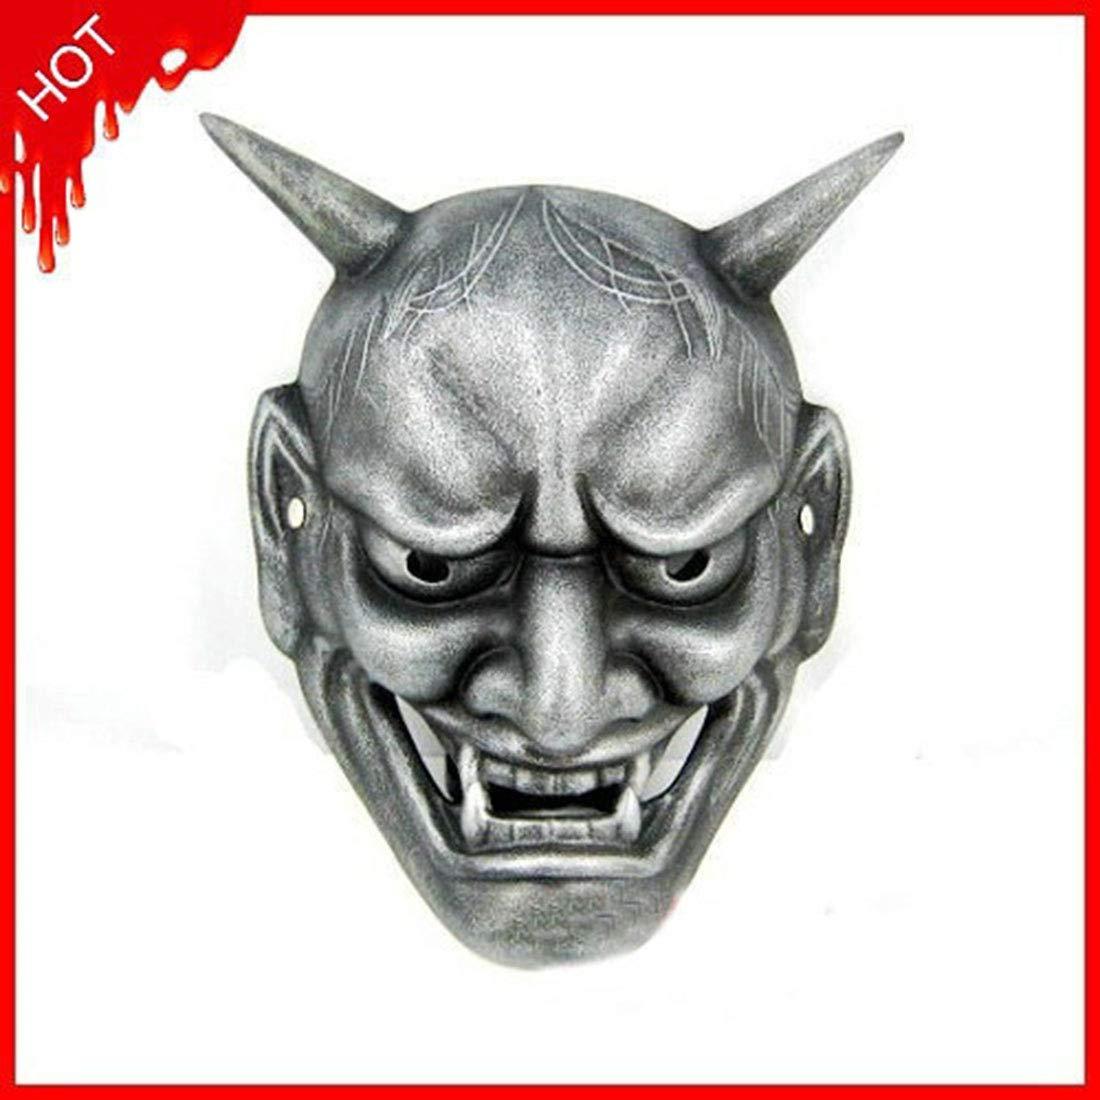 Sasa Prom Maske Japanischen Buddhismus Geist Kopf Prajna Maske Harz Maske Zwei Farben, Silber